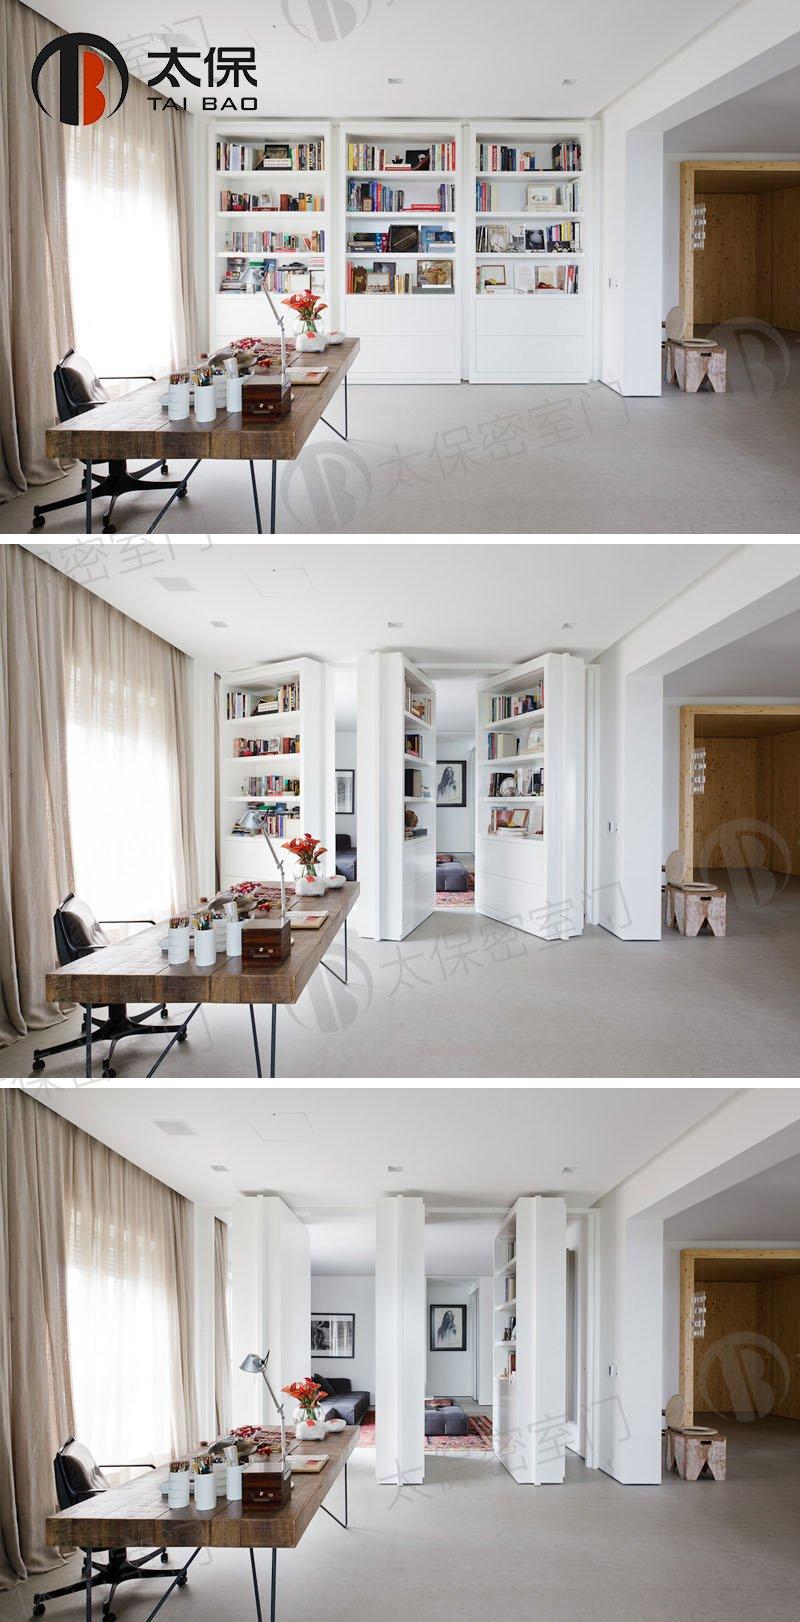 我的别墅要做密室暗门隐形门设计,去哪找密室设计公司?